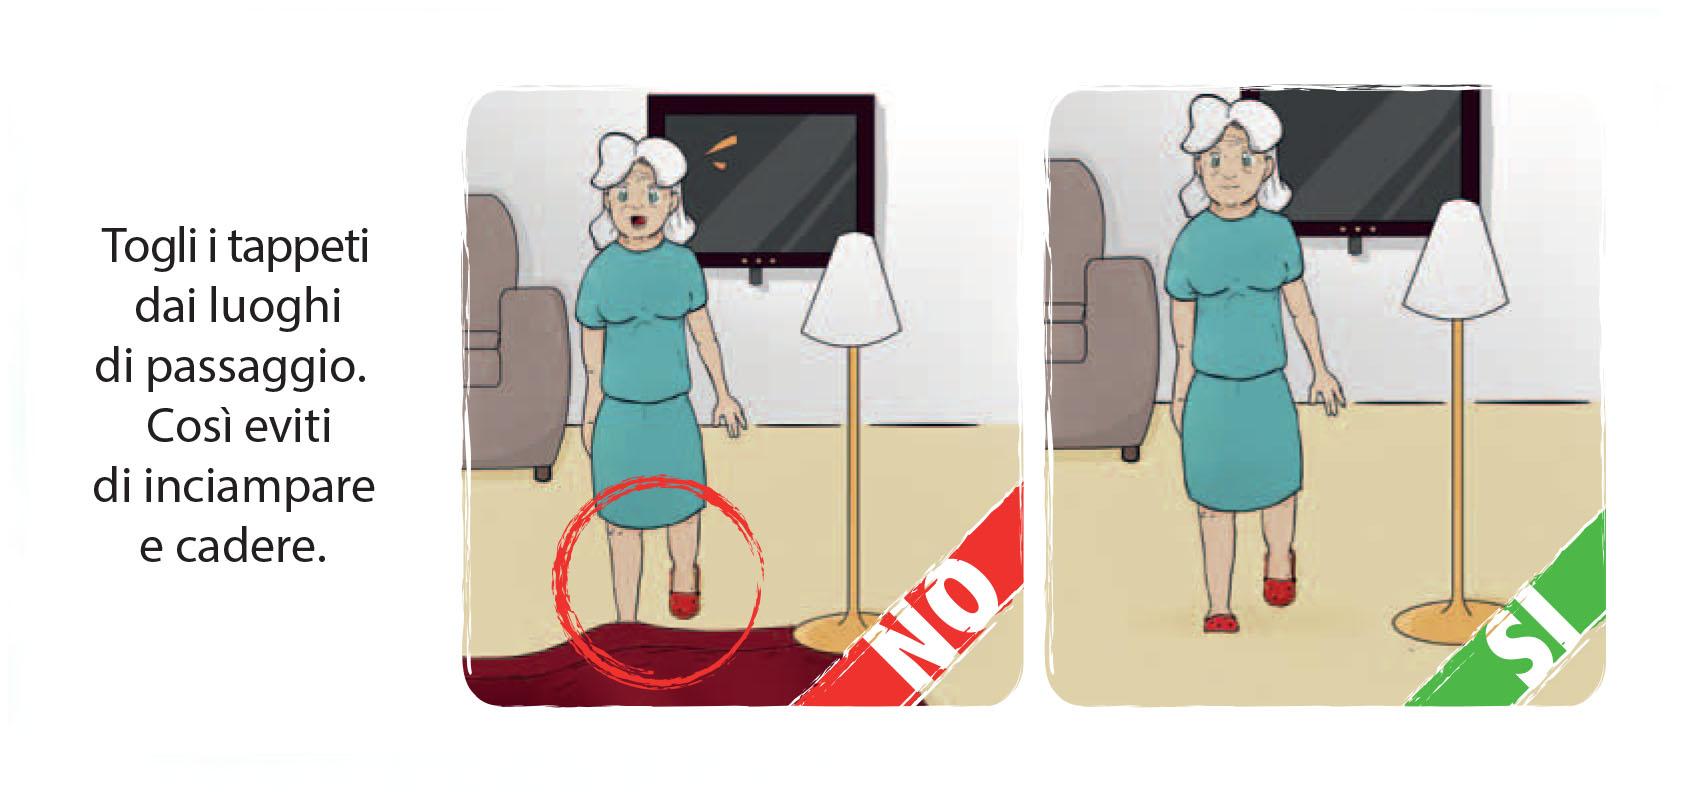 anziani-pighevole-tappeti